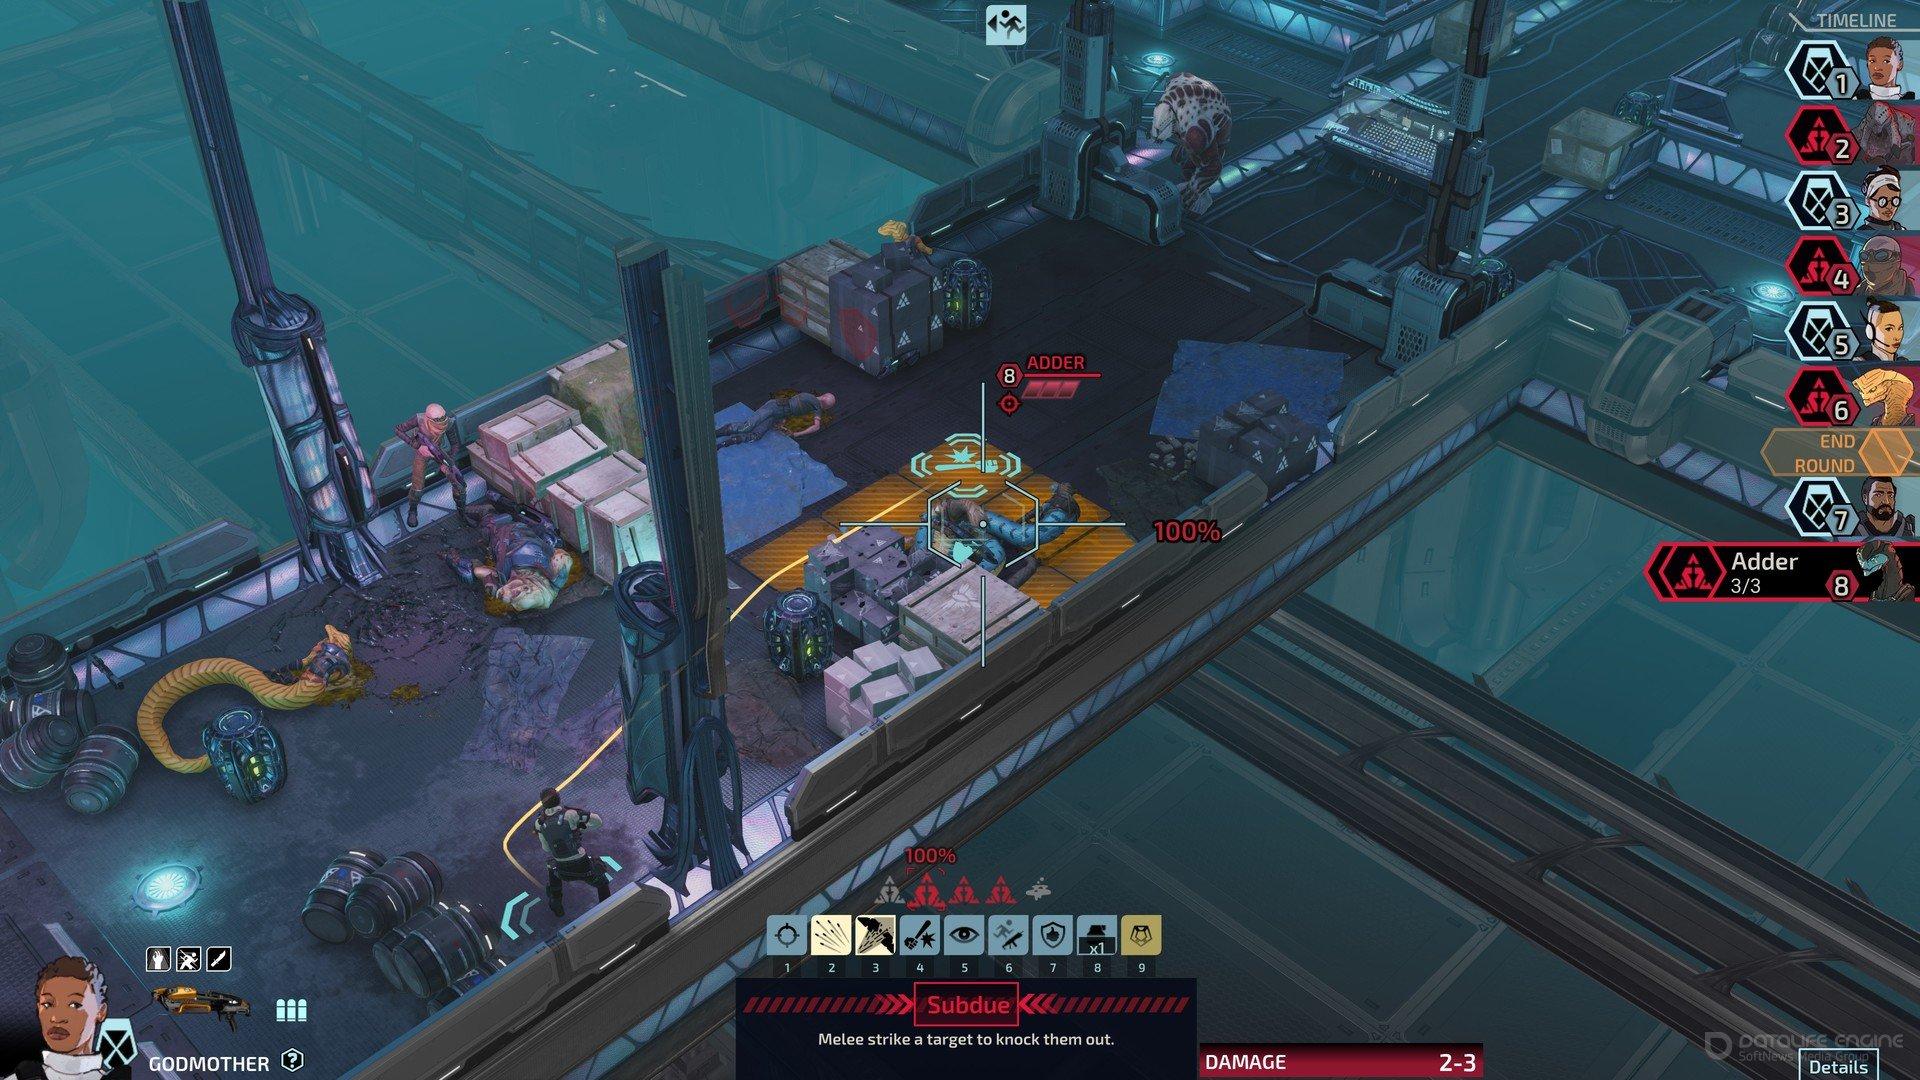 Скриншот к игре XCOM: Chimera Squad [v. 1.0.0.46049] (2020) скачать торрент RePack